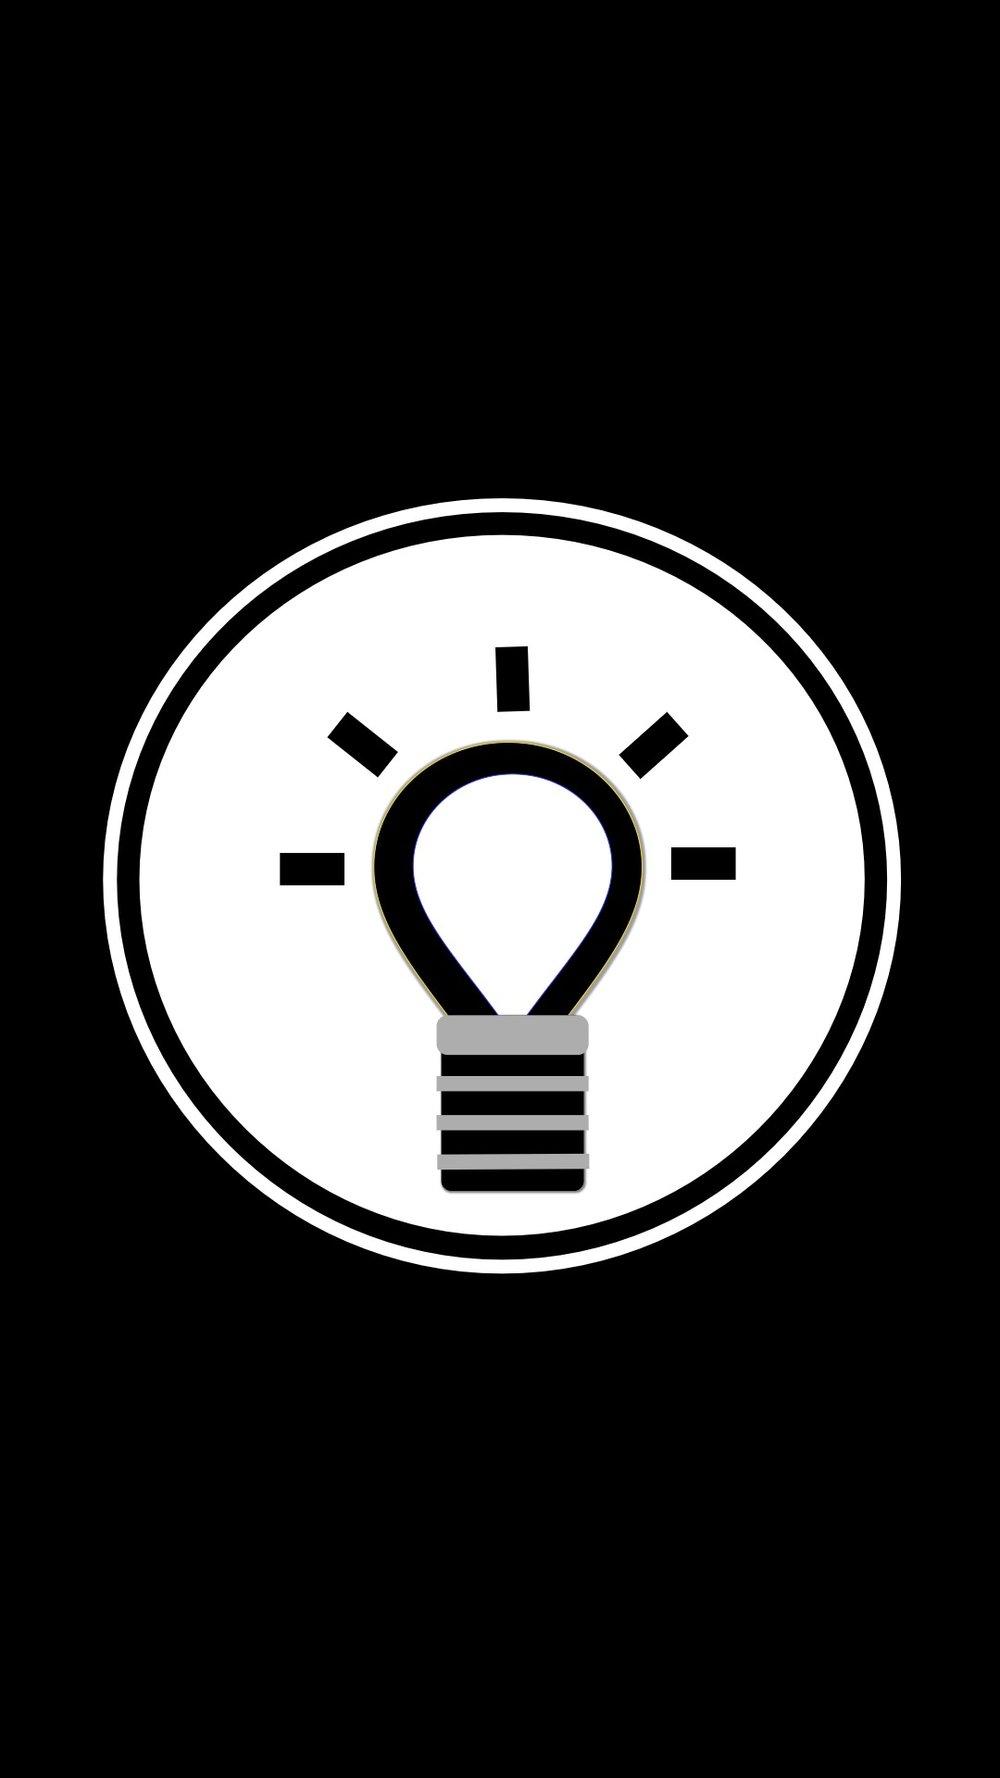 Instagram-cover-lightbulb-black-lotnotes.jpg